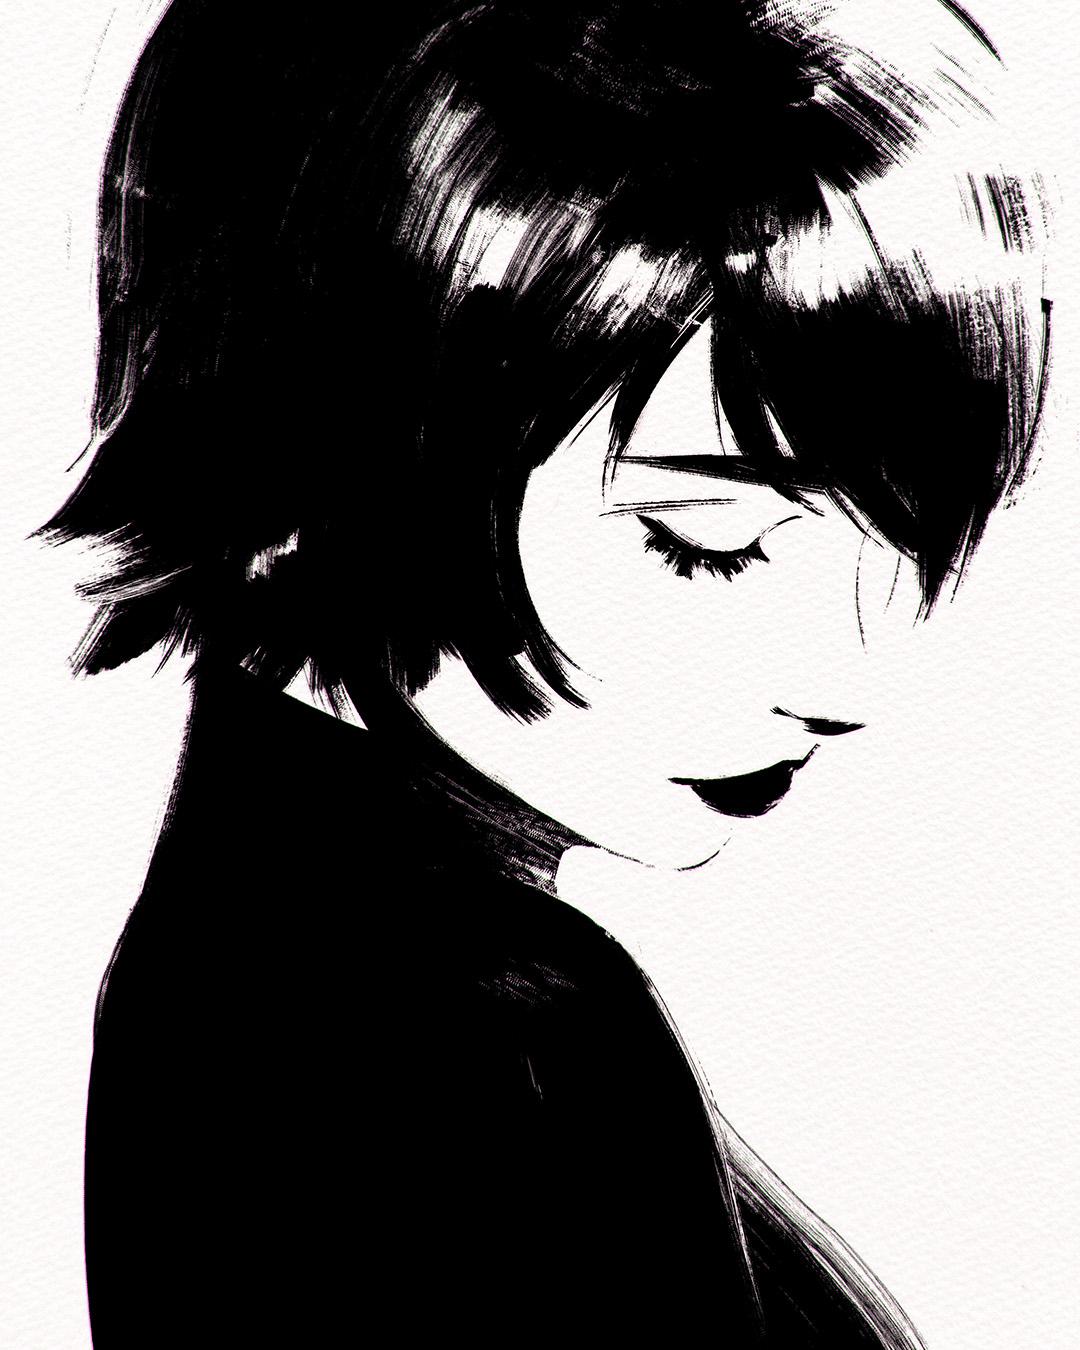 Ink by Kuvshinov-Ilya